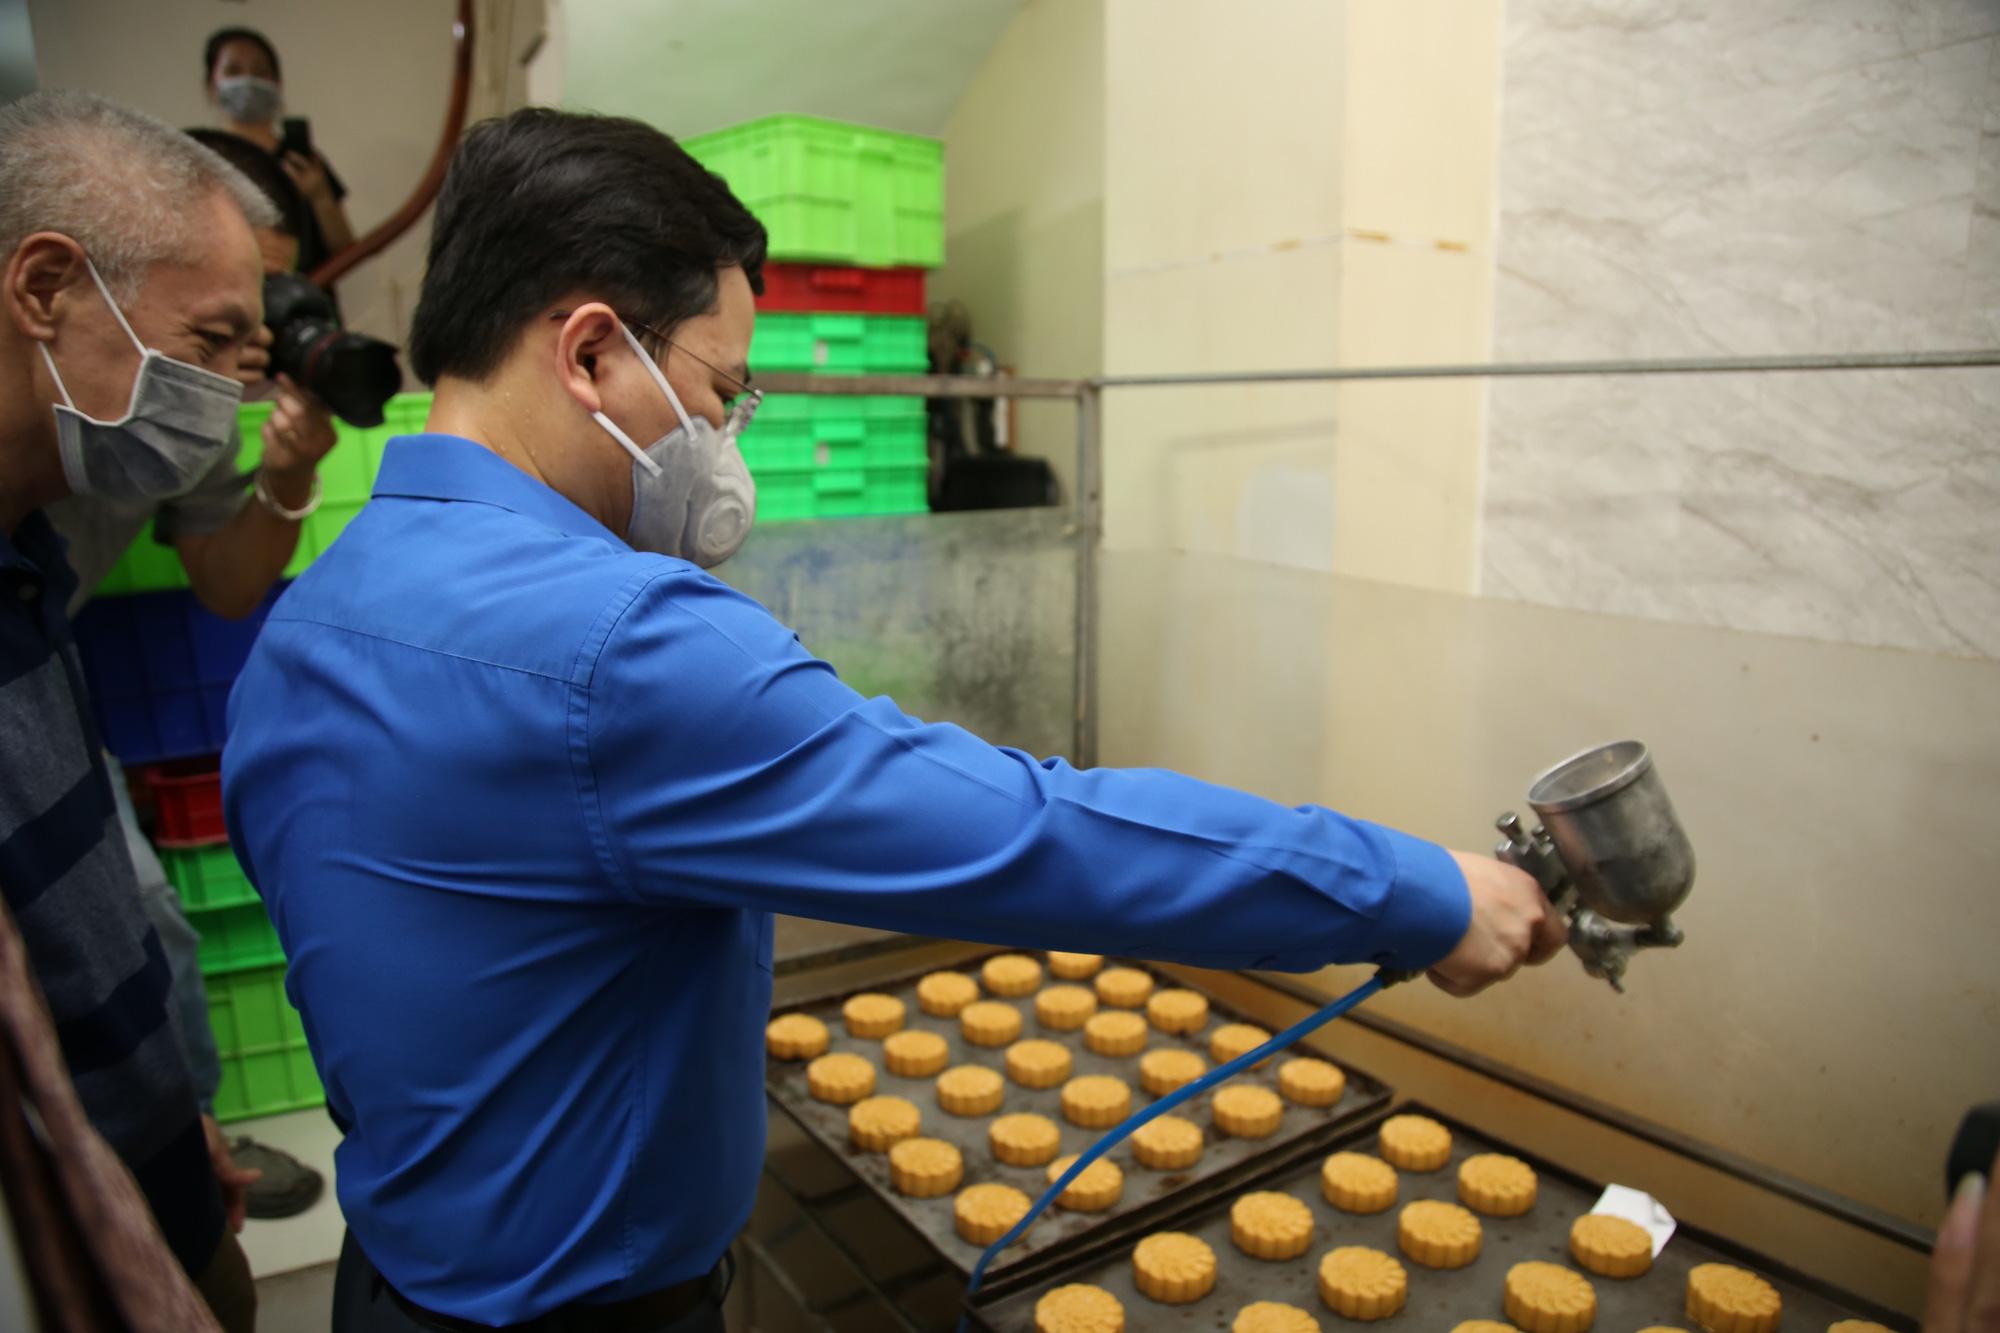 Hội Thầy thuốc trẻ, đại diện WHO tại Việt Nam xuống bếp làm bánh trung thu tặng tuyến đầu chống dịch - Ảnh 4.